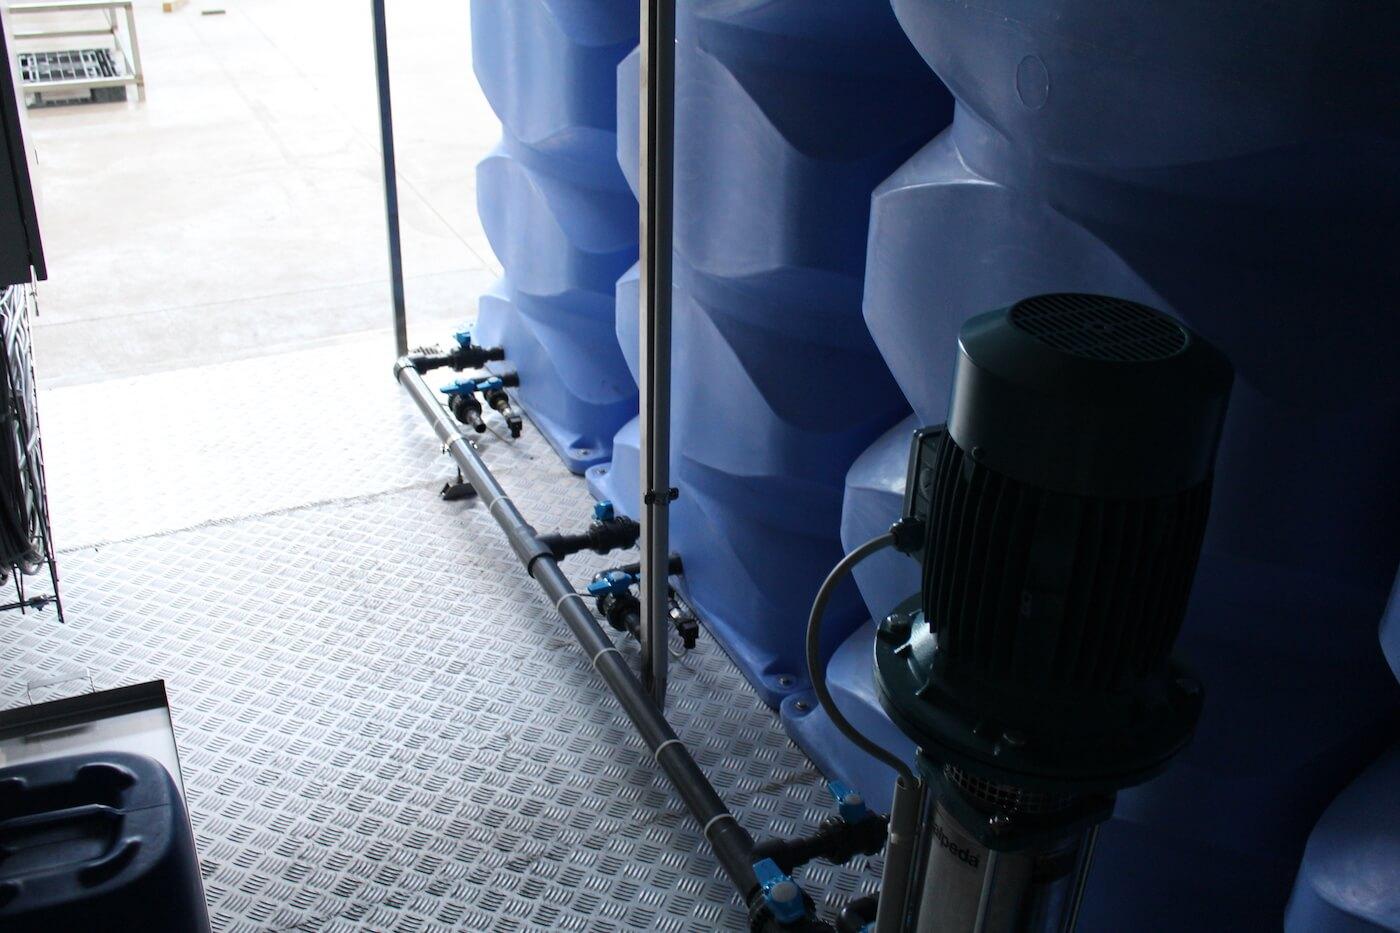 cz trattamento acque - impianti depurazione acqua filtrazione addolcimento osmosi inversa impianti container 17